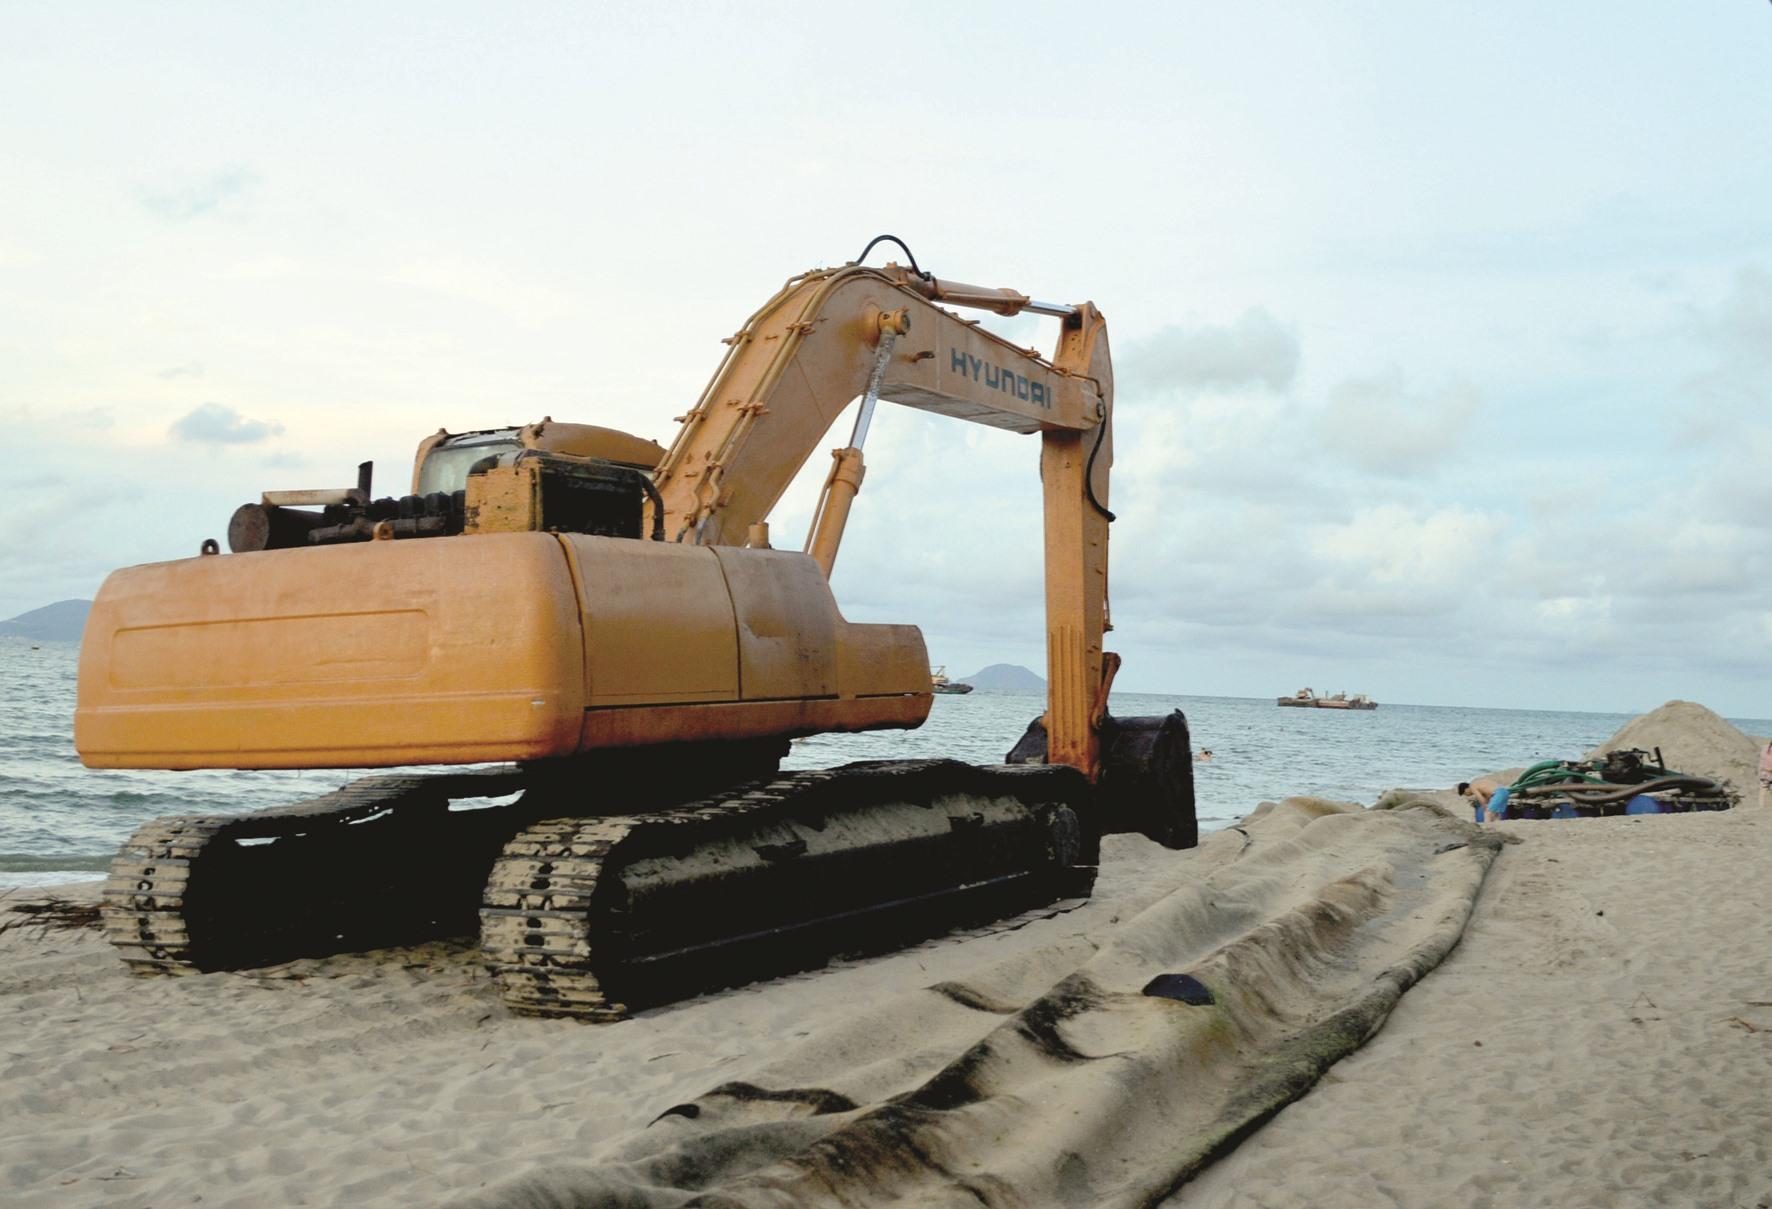 Ngoài dự án xây đê chắn sóng ngầm từ xa của tỉnh, UBND TP.Hội An đang khẩn trương tu sửa đoạn kè mềm khu vực phía bắc bờ biển Cửa Đại. Ảnh: V.LỘC